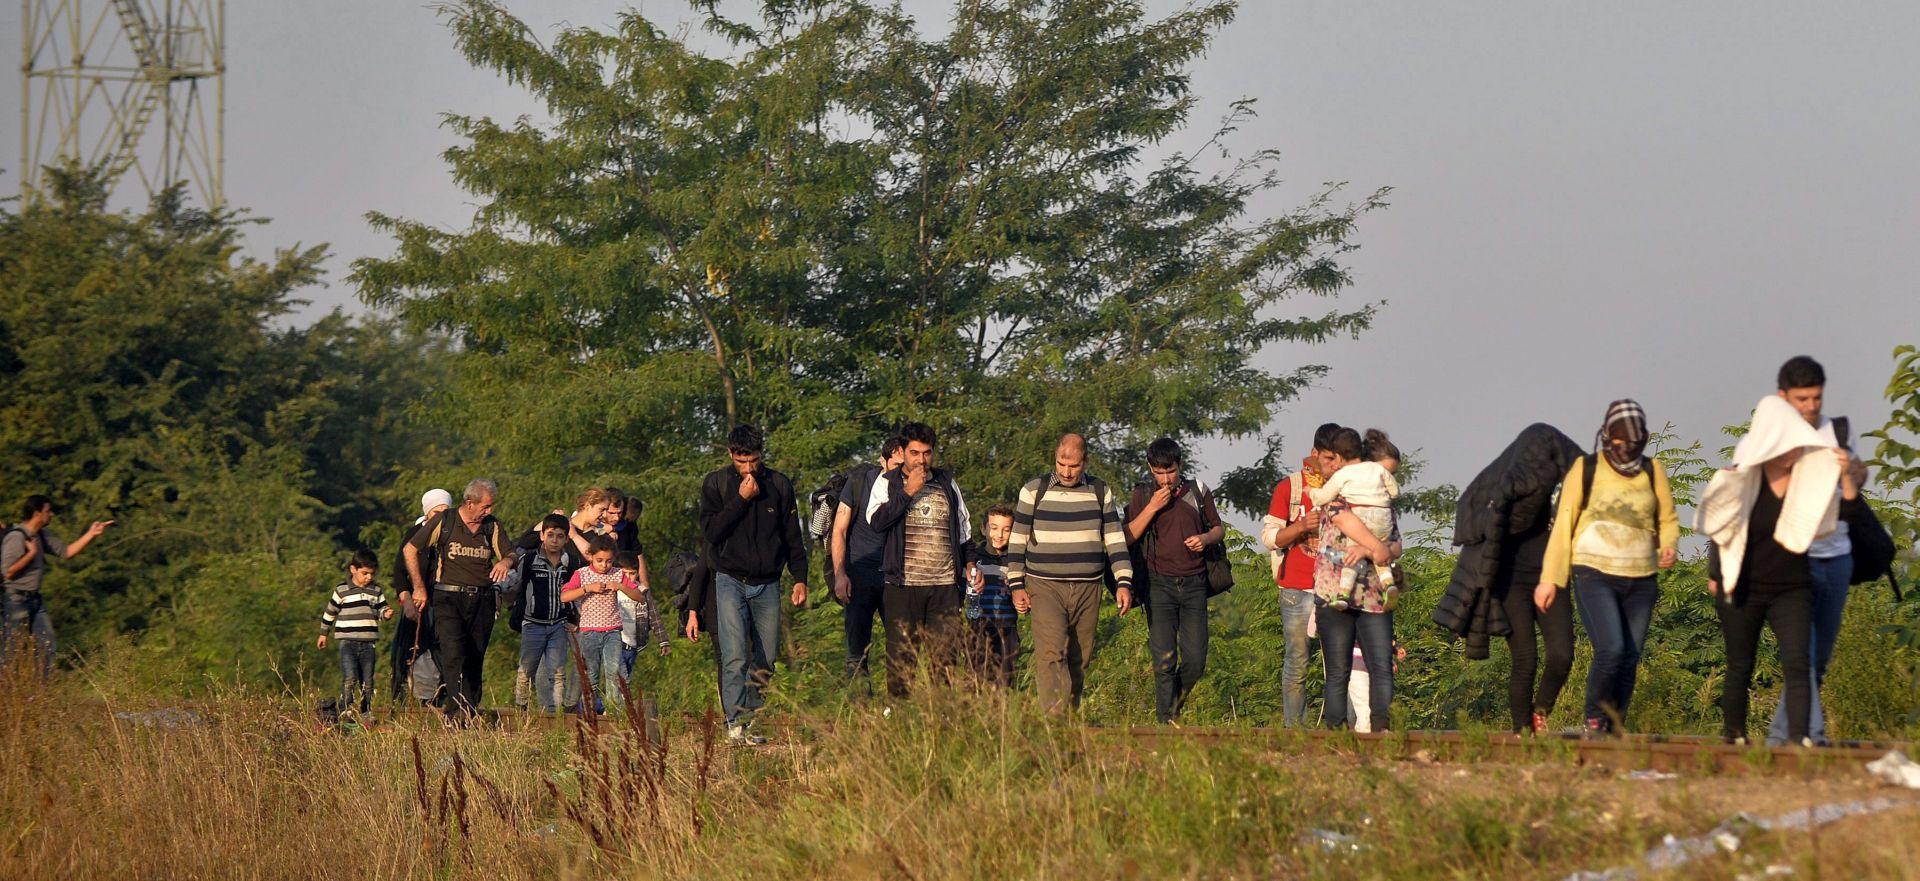 NAKON NEKOLIKO DANA 'ZATIŠJA' Novi val migranata stiže u Srbiju